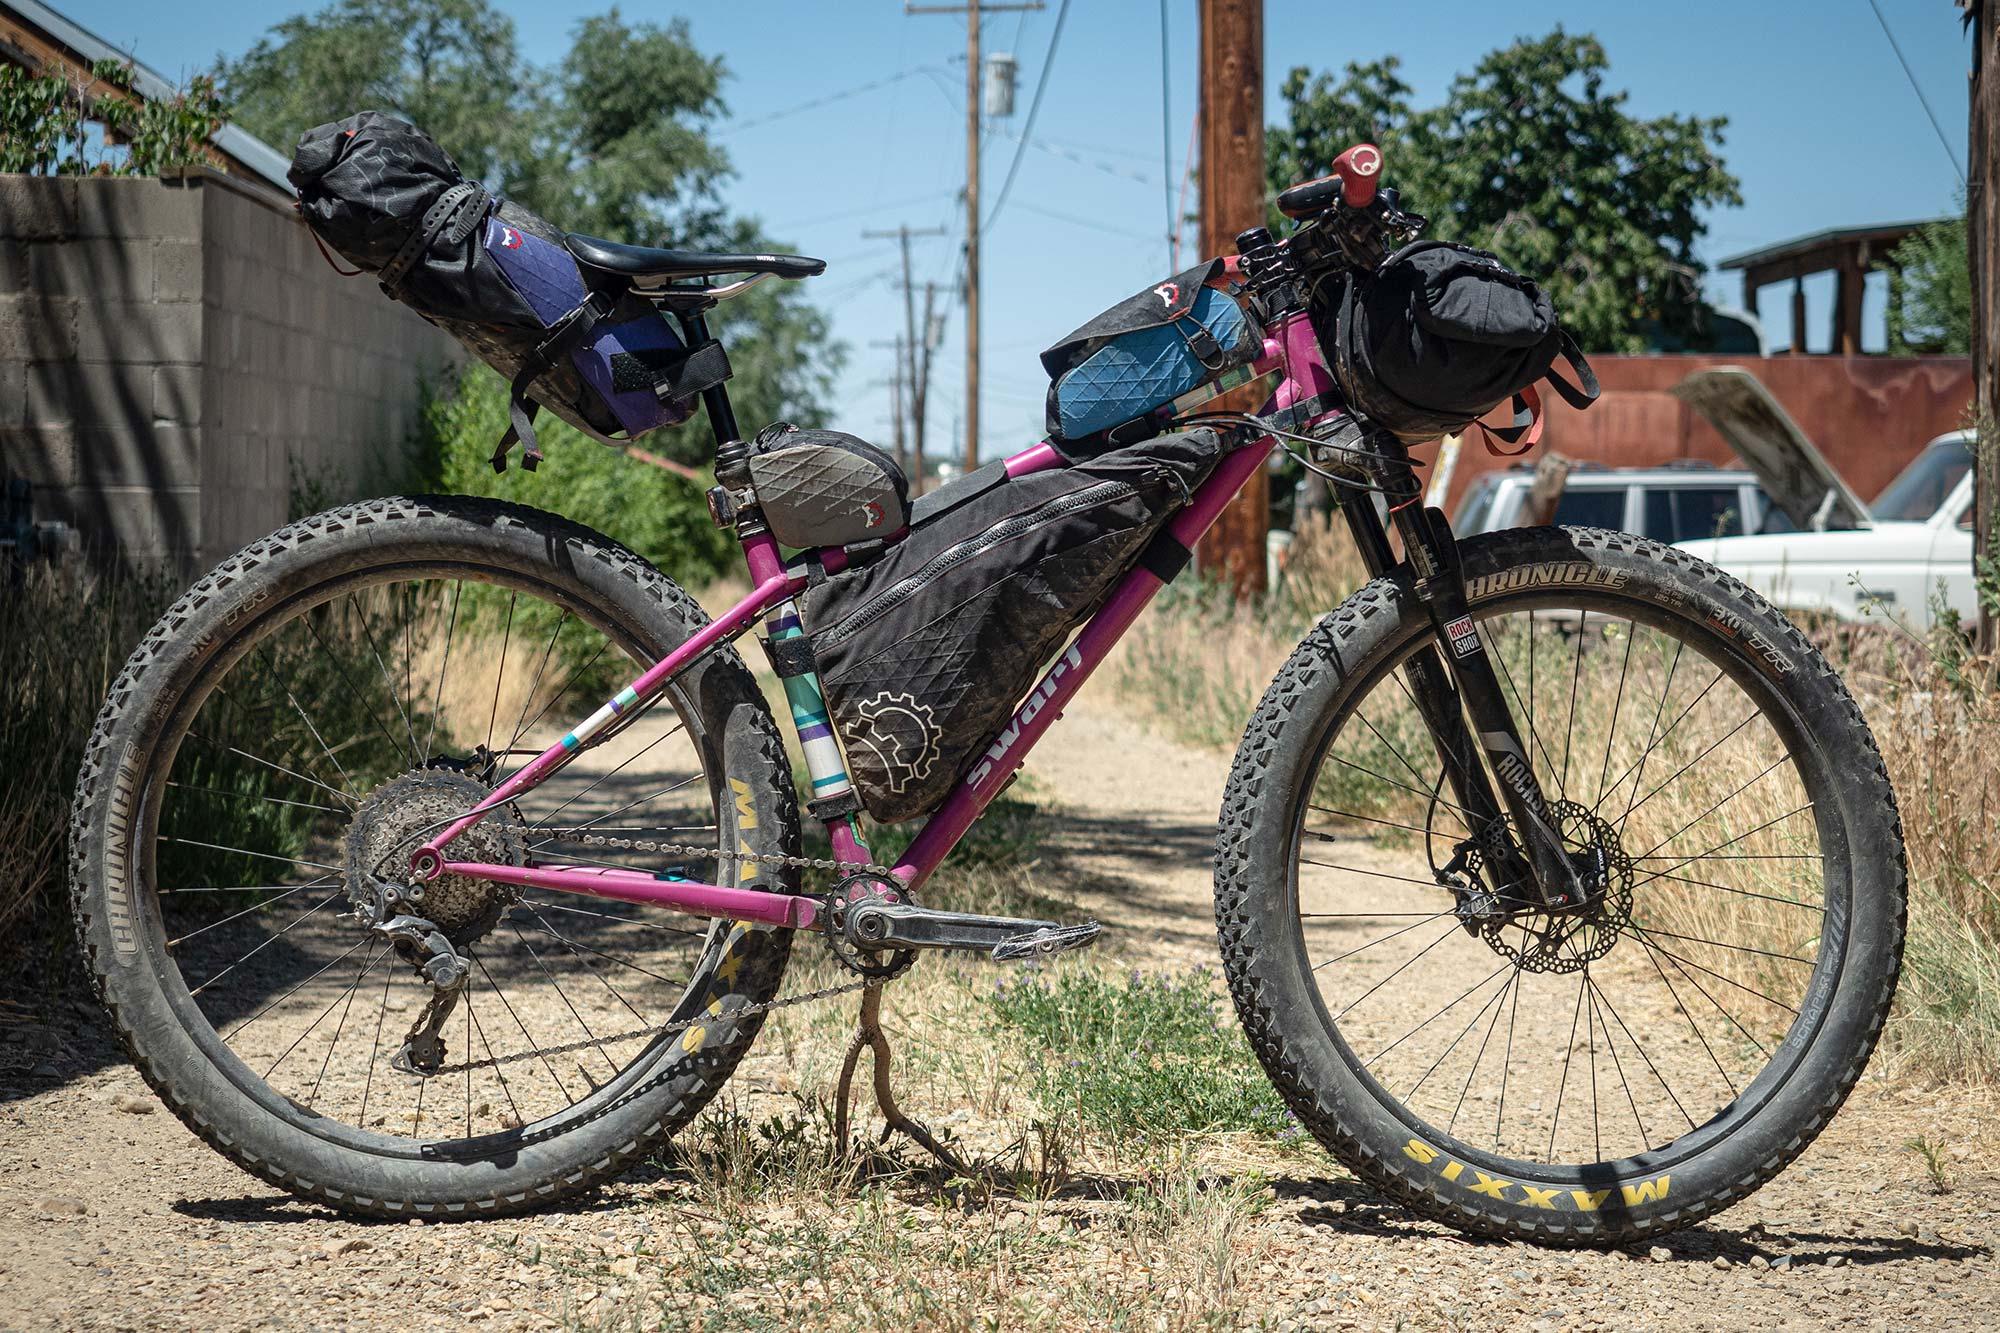 2019-Colorado-Trail-Rigs-Annie-Evans.jpg